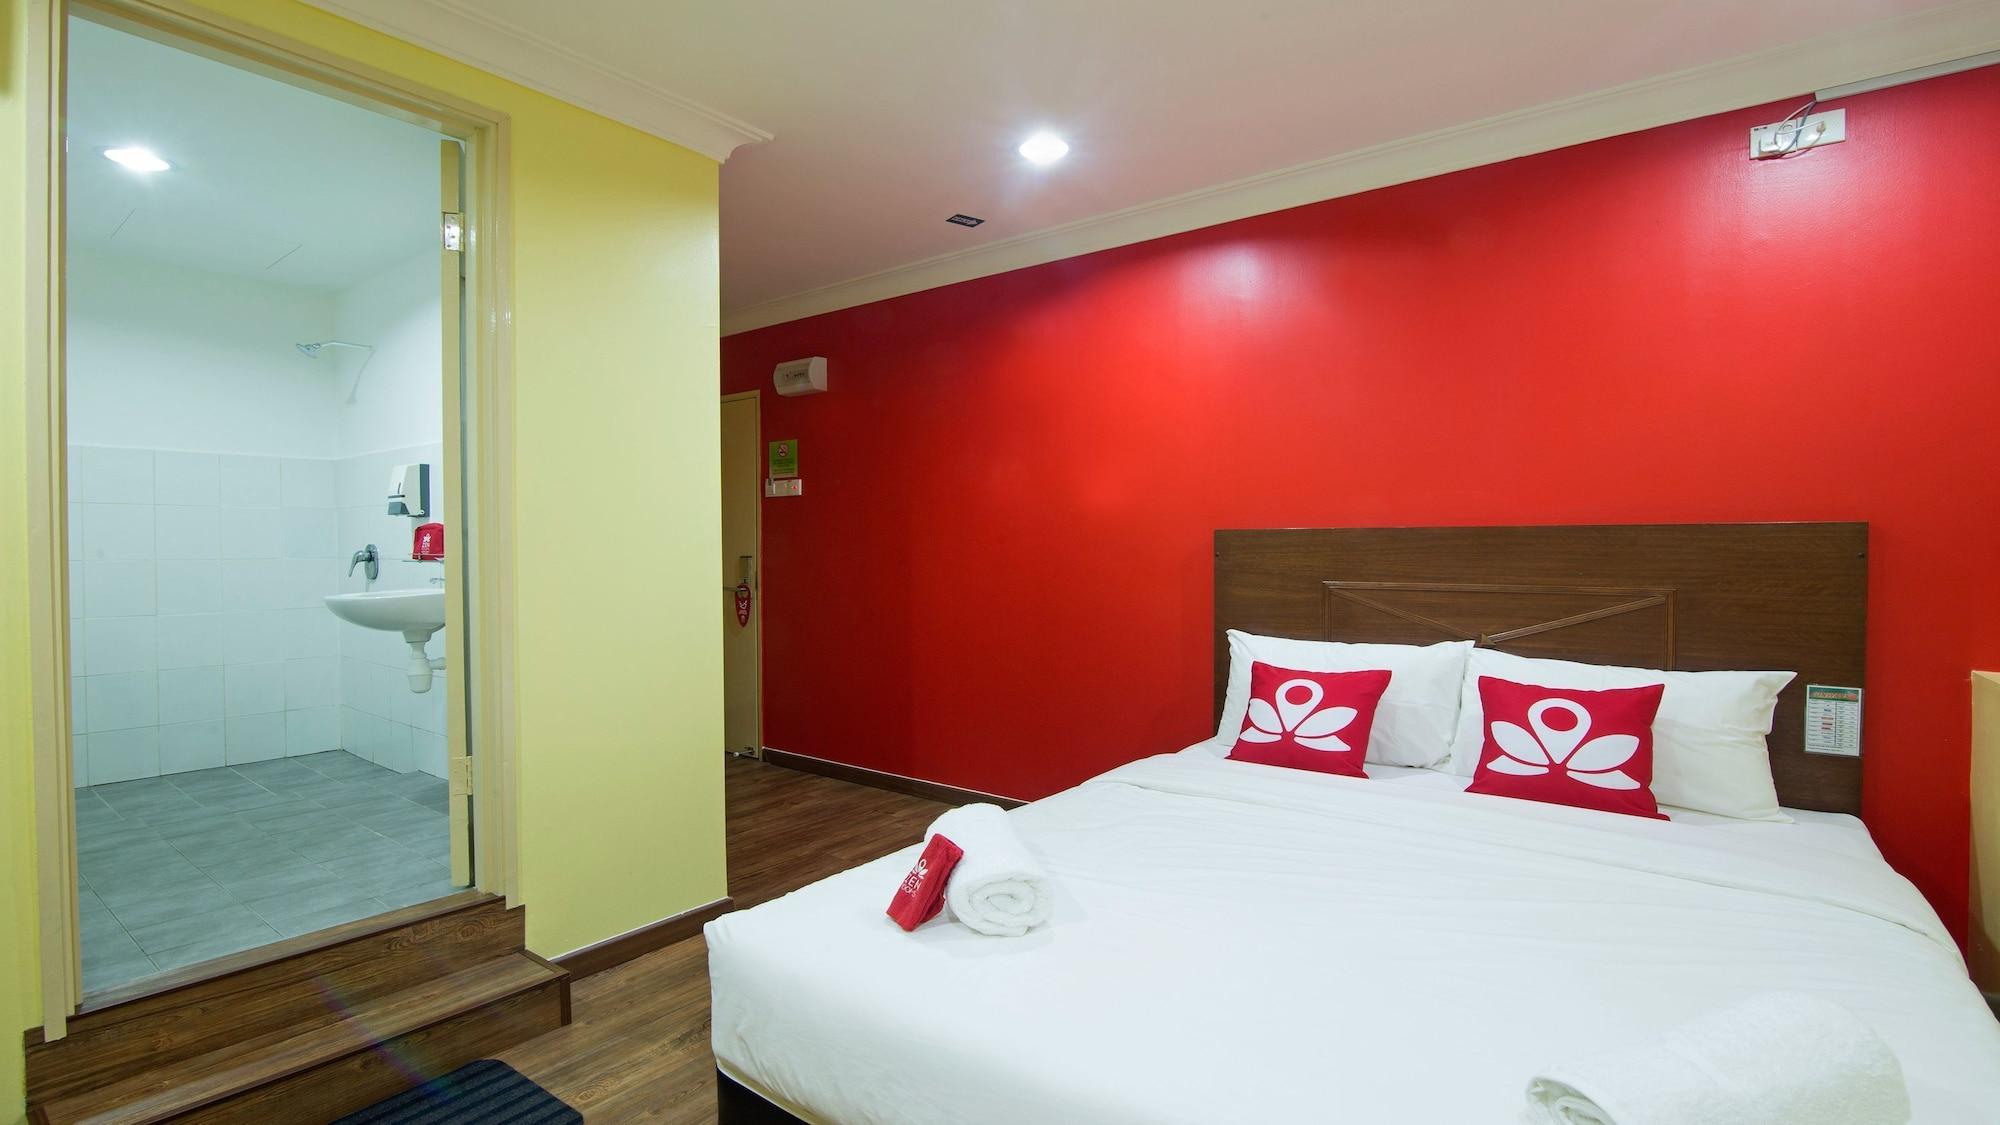 Zen Hotel Sunjoy9 @ Bandar Sunway, Kuala Lumpur